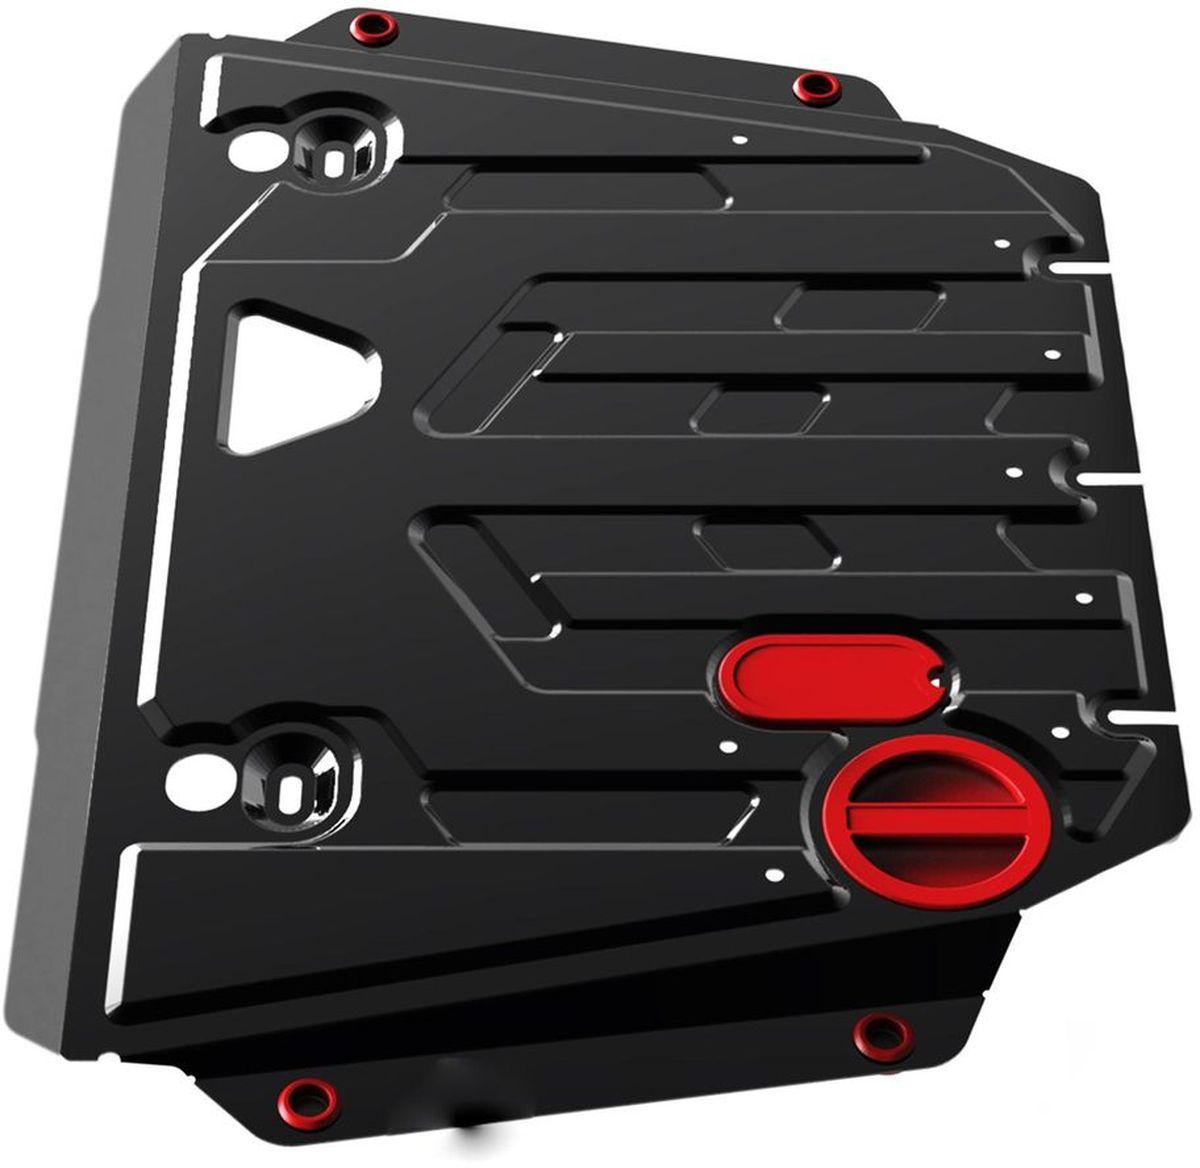 Защита картера и КПП Автоброня Ford Transit Connect 2007-, сталь 2 мм111.01801.1Защита картера и КПП Автоброня Ford Transit Connect, V - 1,8; 1,8D 2007-, сталь 2 мм, комплект крепежа, 111.01801.1Стальные защиты Автоброня надежно защищают ваш автомобиль от повреждений при наезде на бордюры, выступающие канализационные люки, кромки поврежденного асфальта или при ремонте дорог, не говоря уже о загородных дорогах.- Имеют оптимальное соотношение цена-качество.- Спроектированы с учетом особенностей автомобиля, что делает установку удобной.- Защита устанавливается в штатные места кузова автомобиля.- Является надежной защитой для важных элементов на протяжении долгих лет.- Глубокий штамп дополнительно усиливает конструкцию защиты.- Подштамповка в местах крепления защищает крепеж от срезания.- Технологические отверстия там, где они необходимы для смены масла и слива воды, оборудованные заглушками, закрепленными на защите.Толщина стали 2 мм.В комплекте крепеж и инструкция по установке.Уважаемые клиенты!Обращаем ваше внимание на тот факт, что защита имеет форму, соответствующую модели данного автомобиля. Наличие глубокого штампа и лючков для смены фильтров/масла предусмотрено не на всех защитах. Фото служит для визуального восприятия товара.